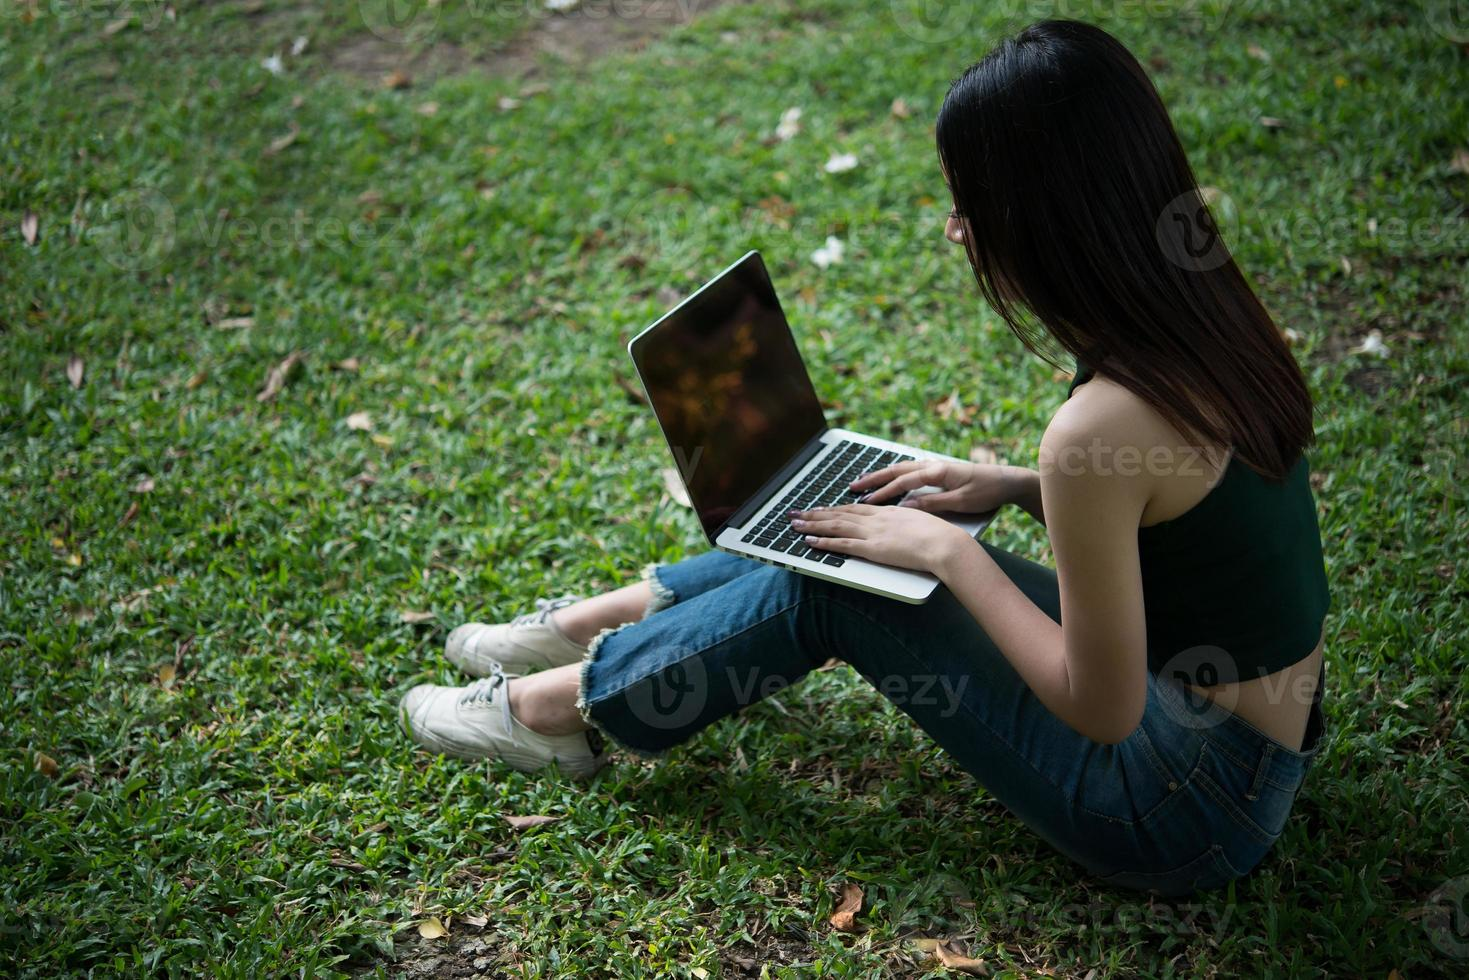 giovane bella donna seduta sull'erba verde e utilizzando il computer portatile nel parco foto